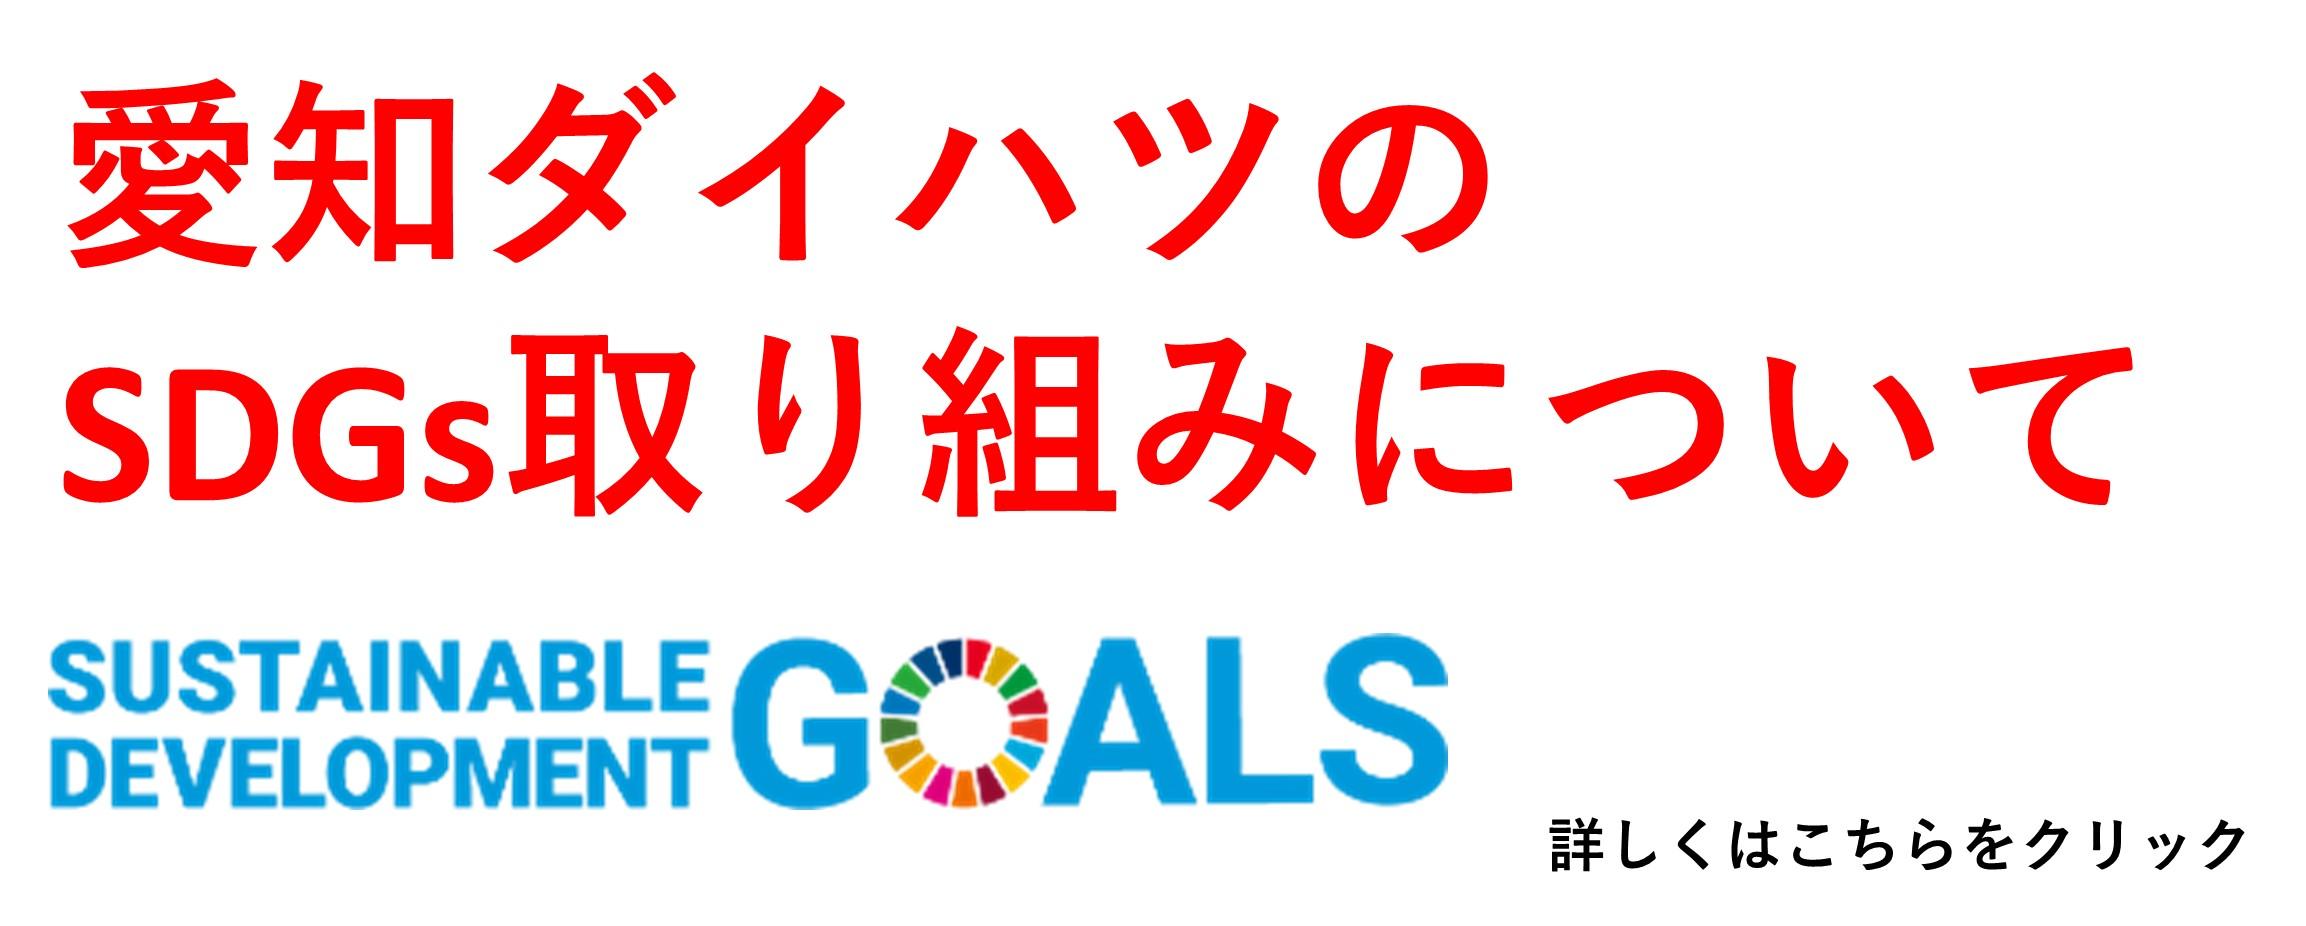 愛知ダイハツ SDGsの取組について